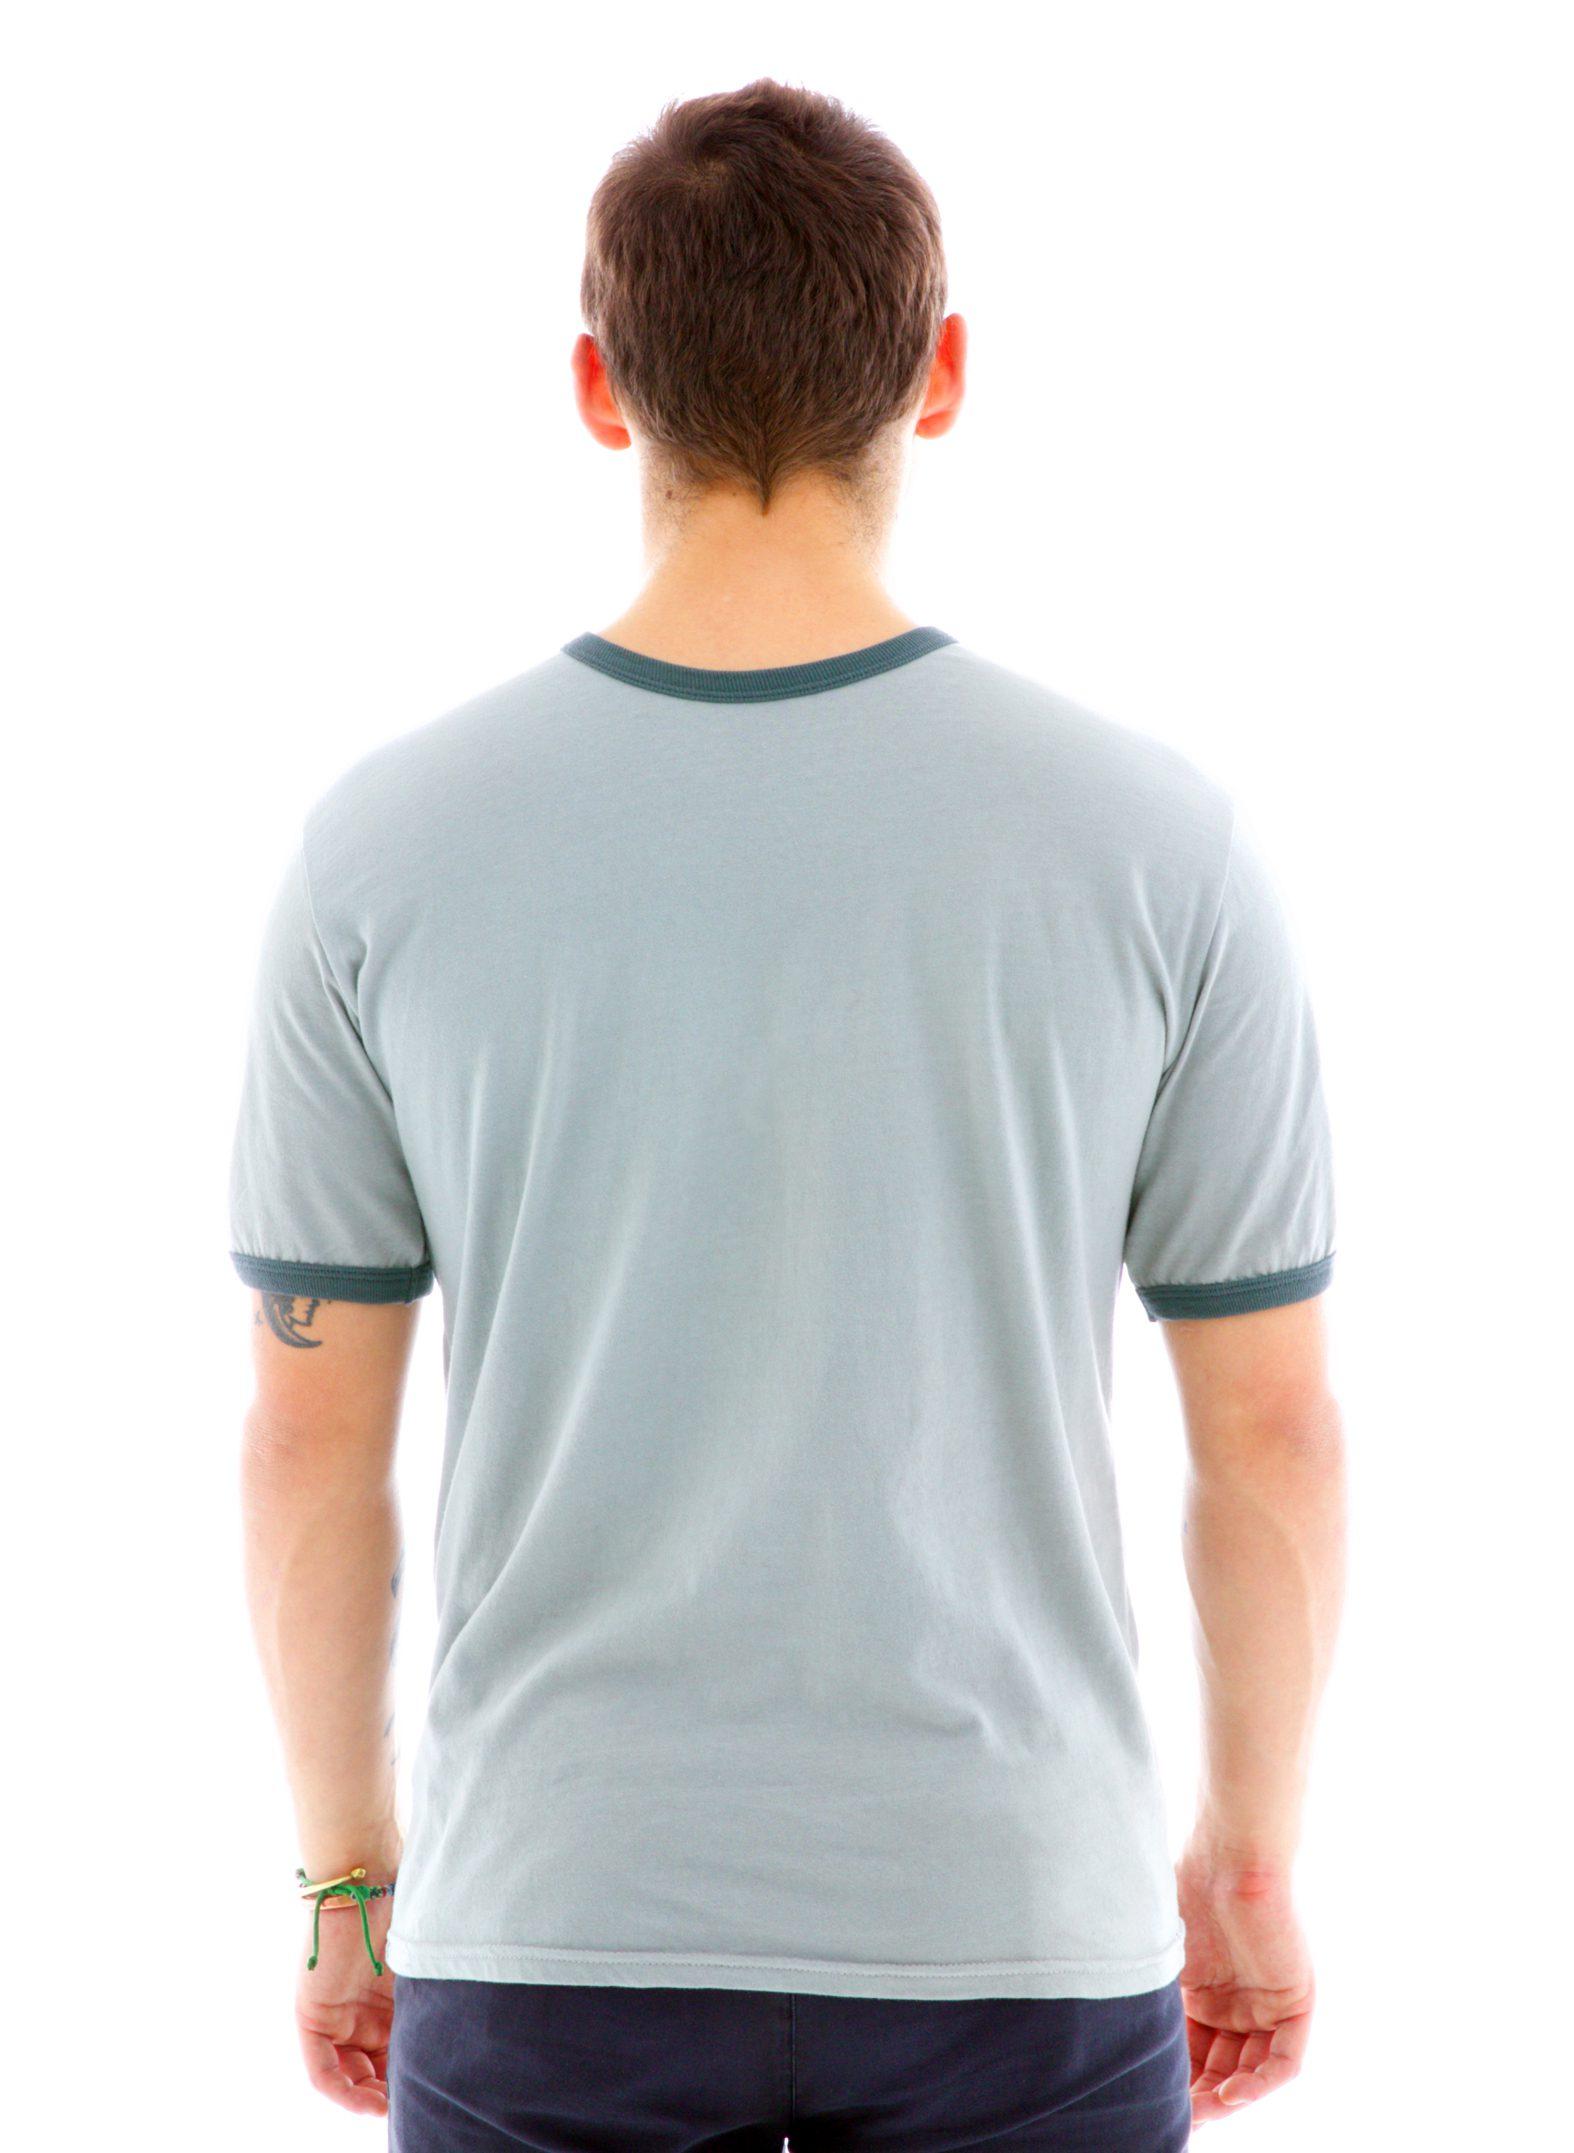 Ringer Crew Short Sleeve T-Shirt Back View